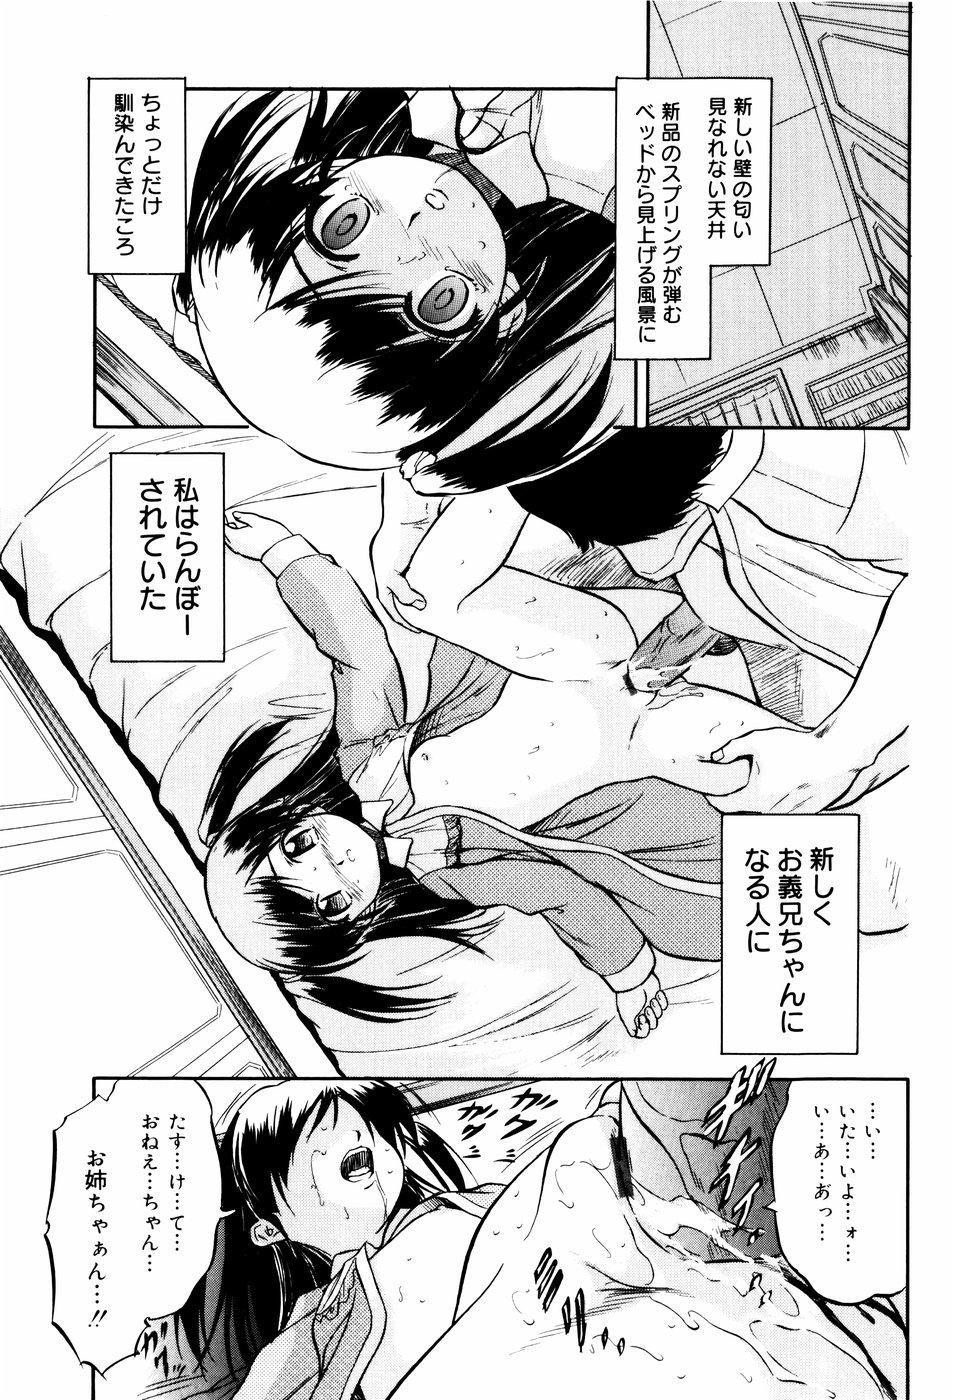 Mitsuiro Ni Tokeru Kakera 30